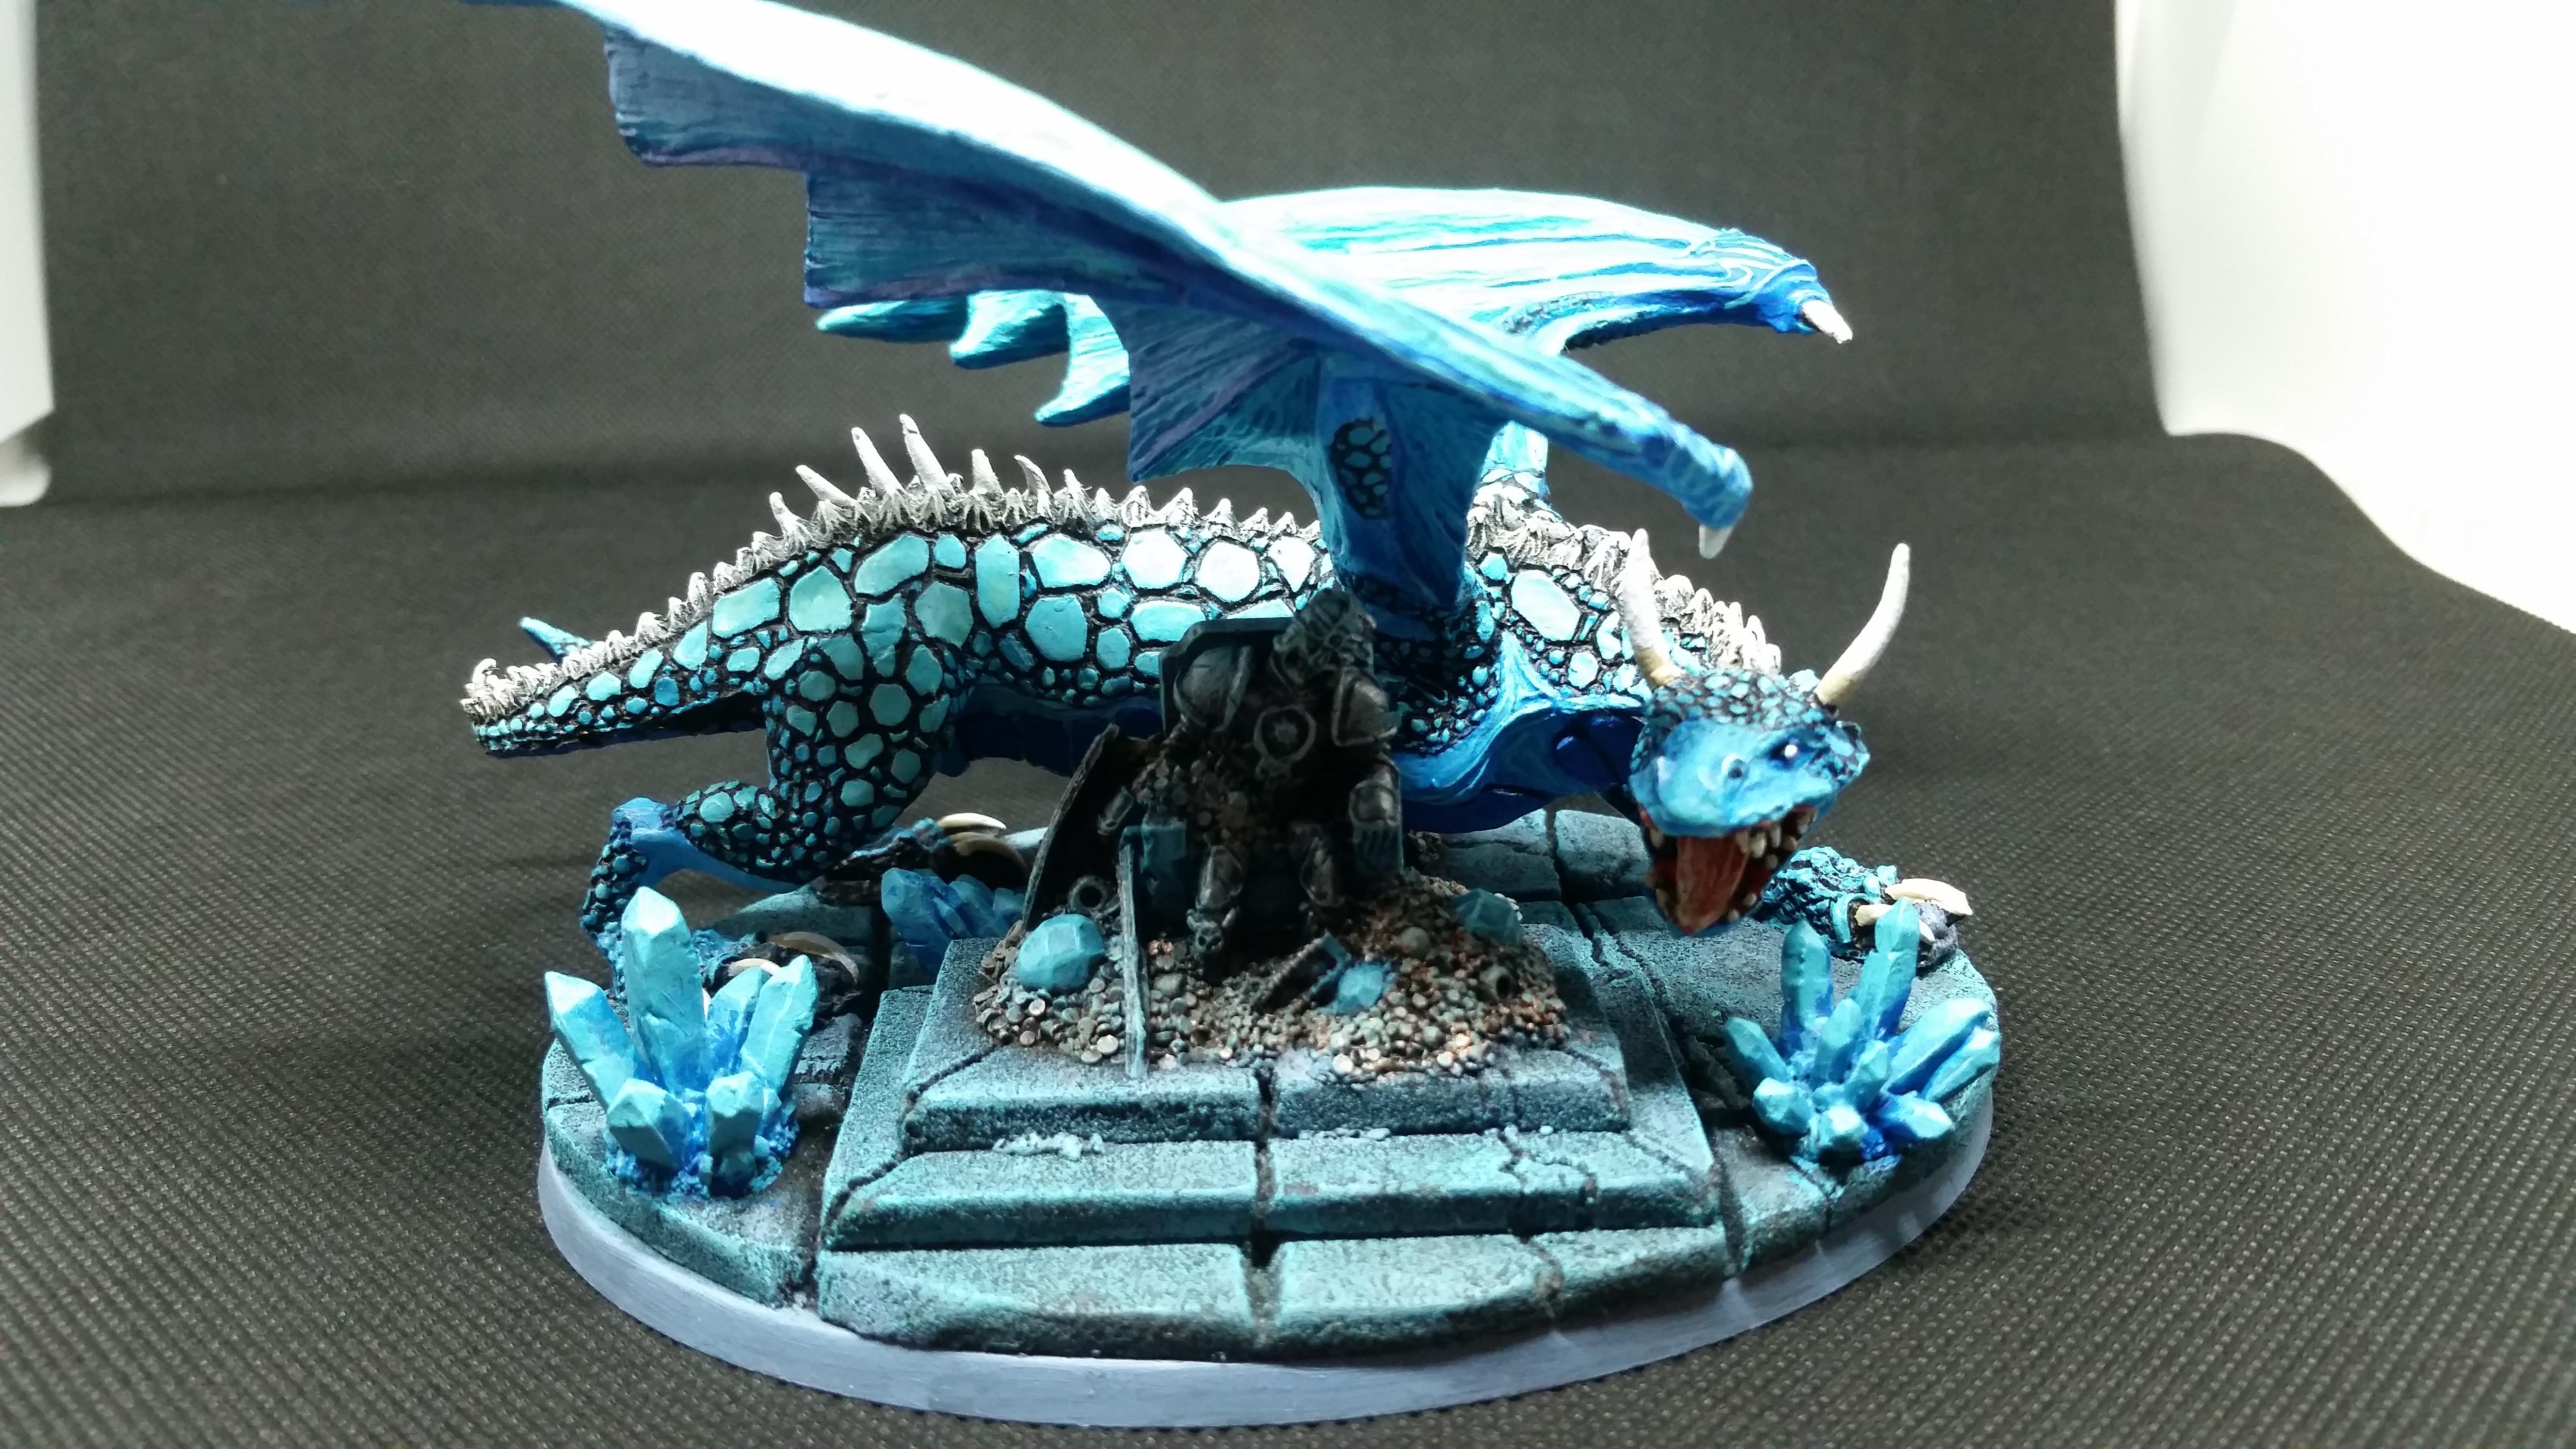 [Andrann i ùan - Confirmé] Le Dragon de Saphyr [Résolu] W3Xvk